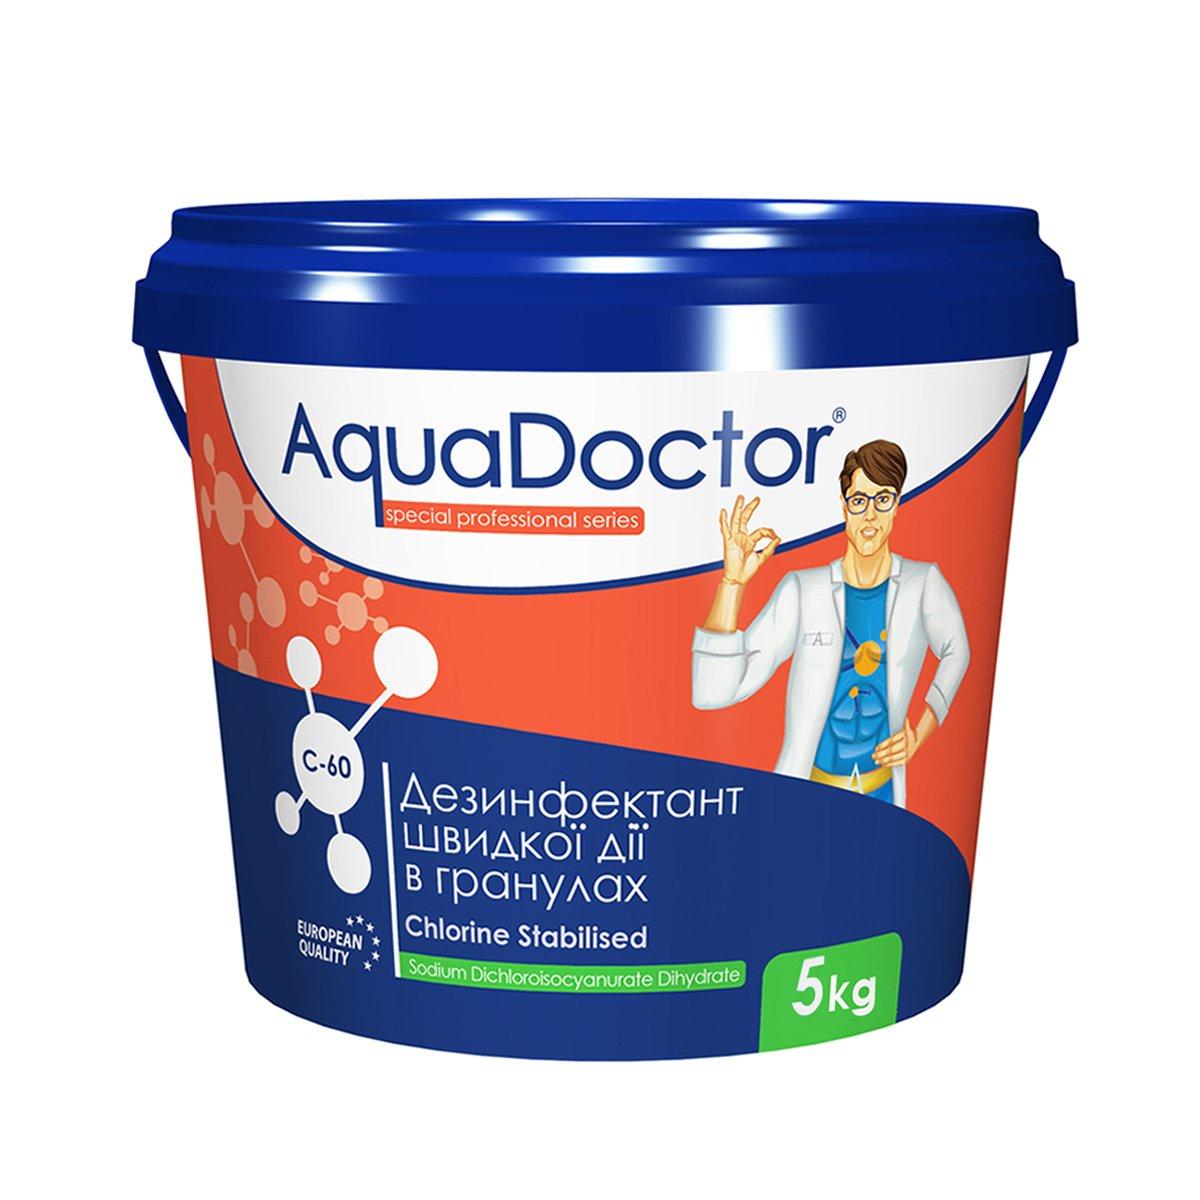 Хлор для бассейна быстрого действия AquaDoctor C-60 | Купить на AquaDoctor.ua | Киев и Украина